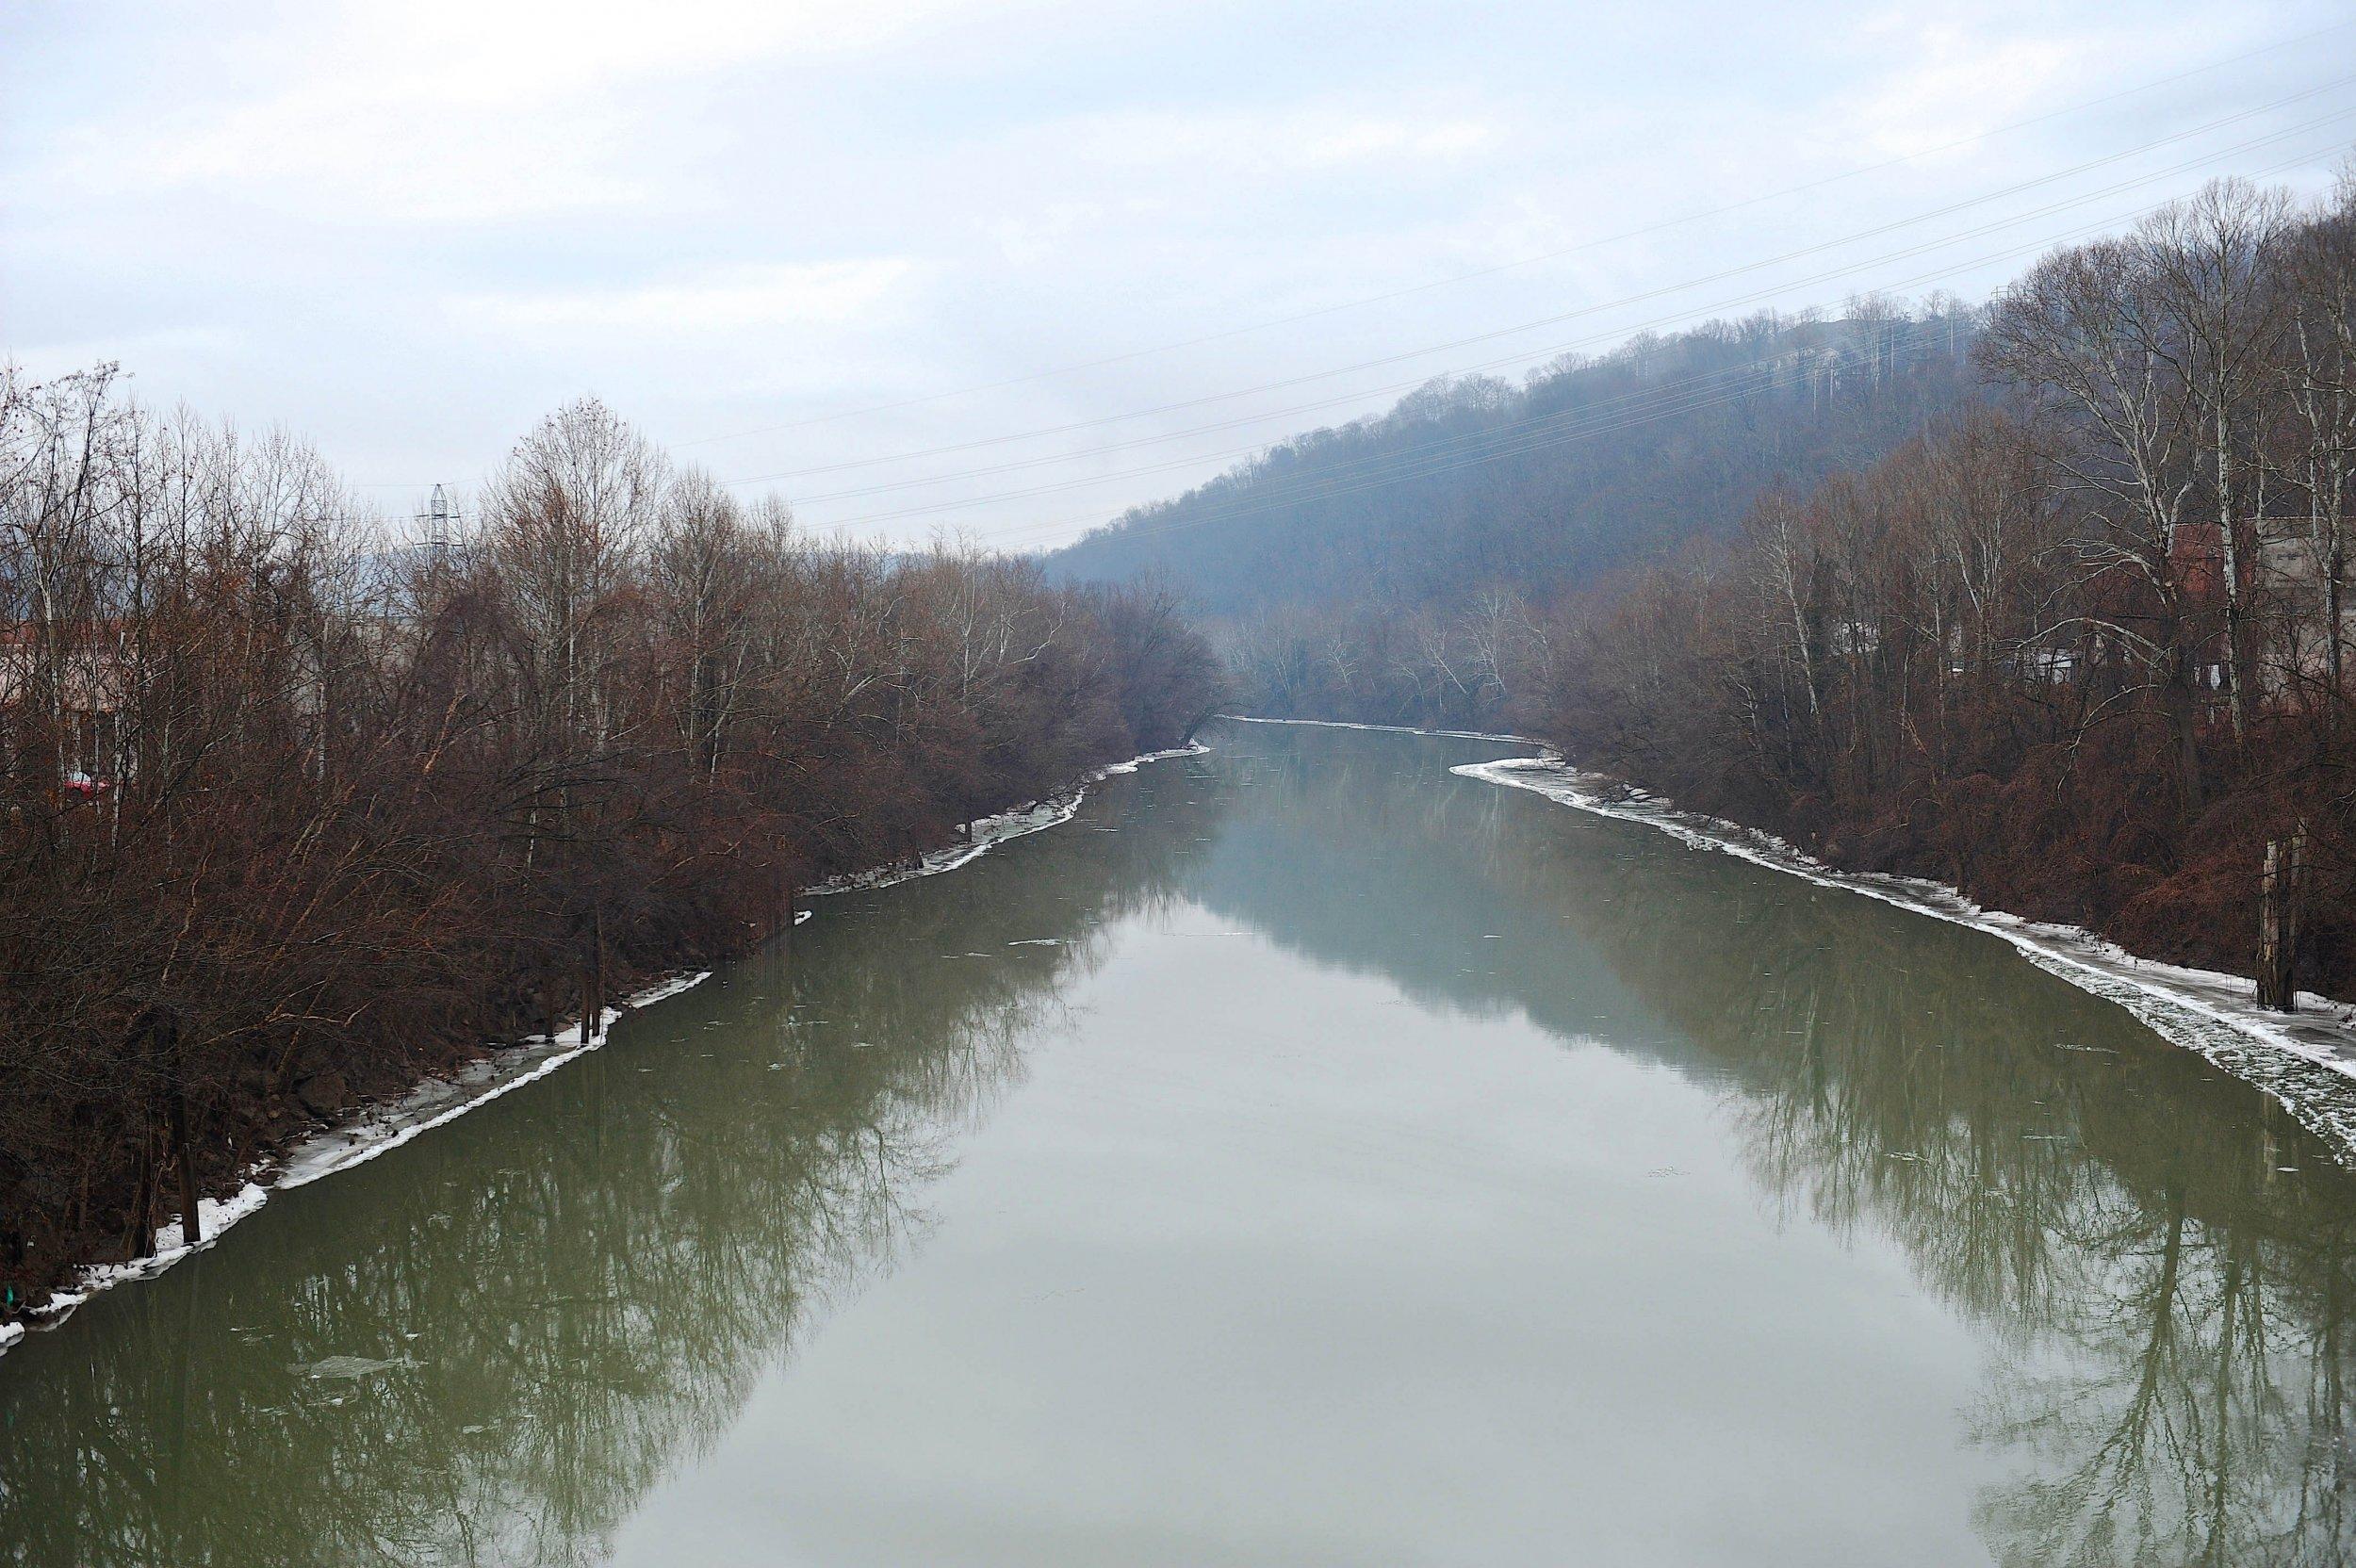 West Virginia spill